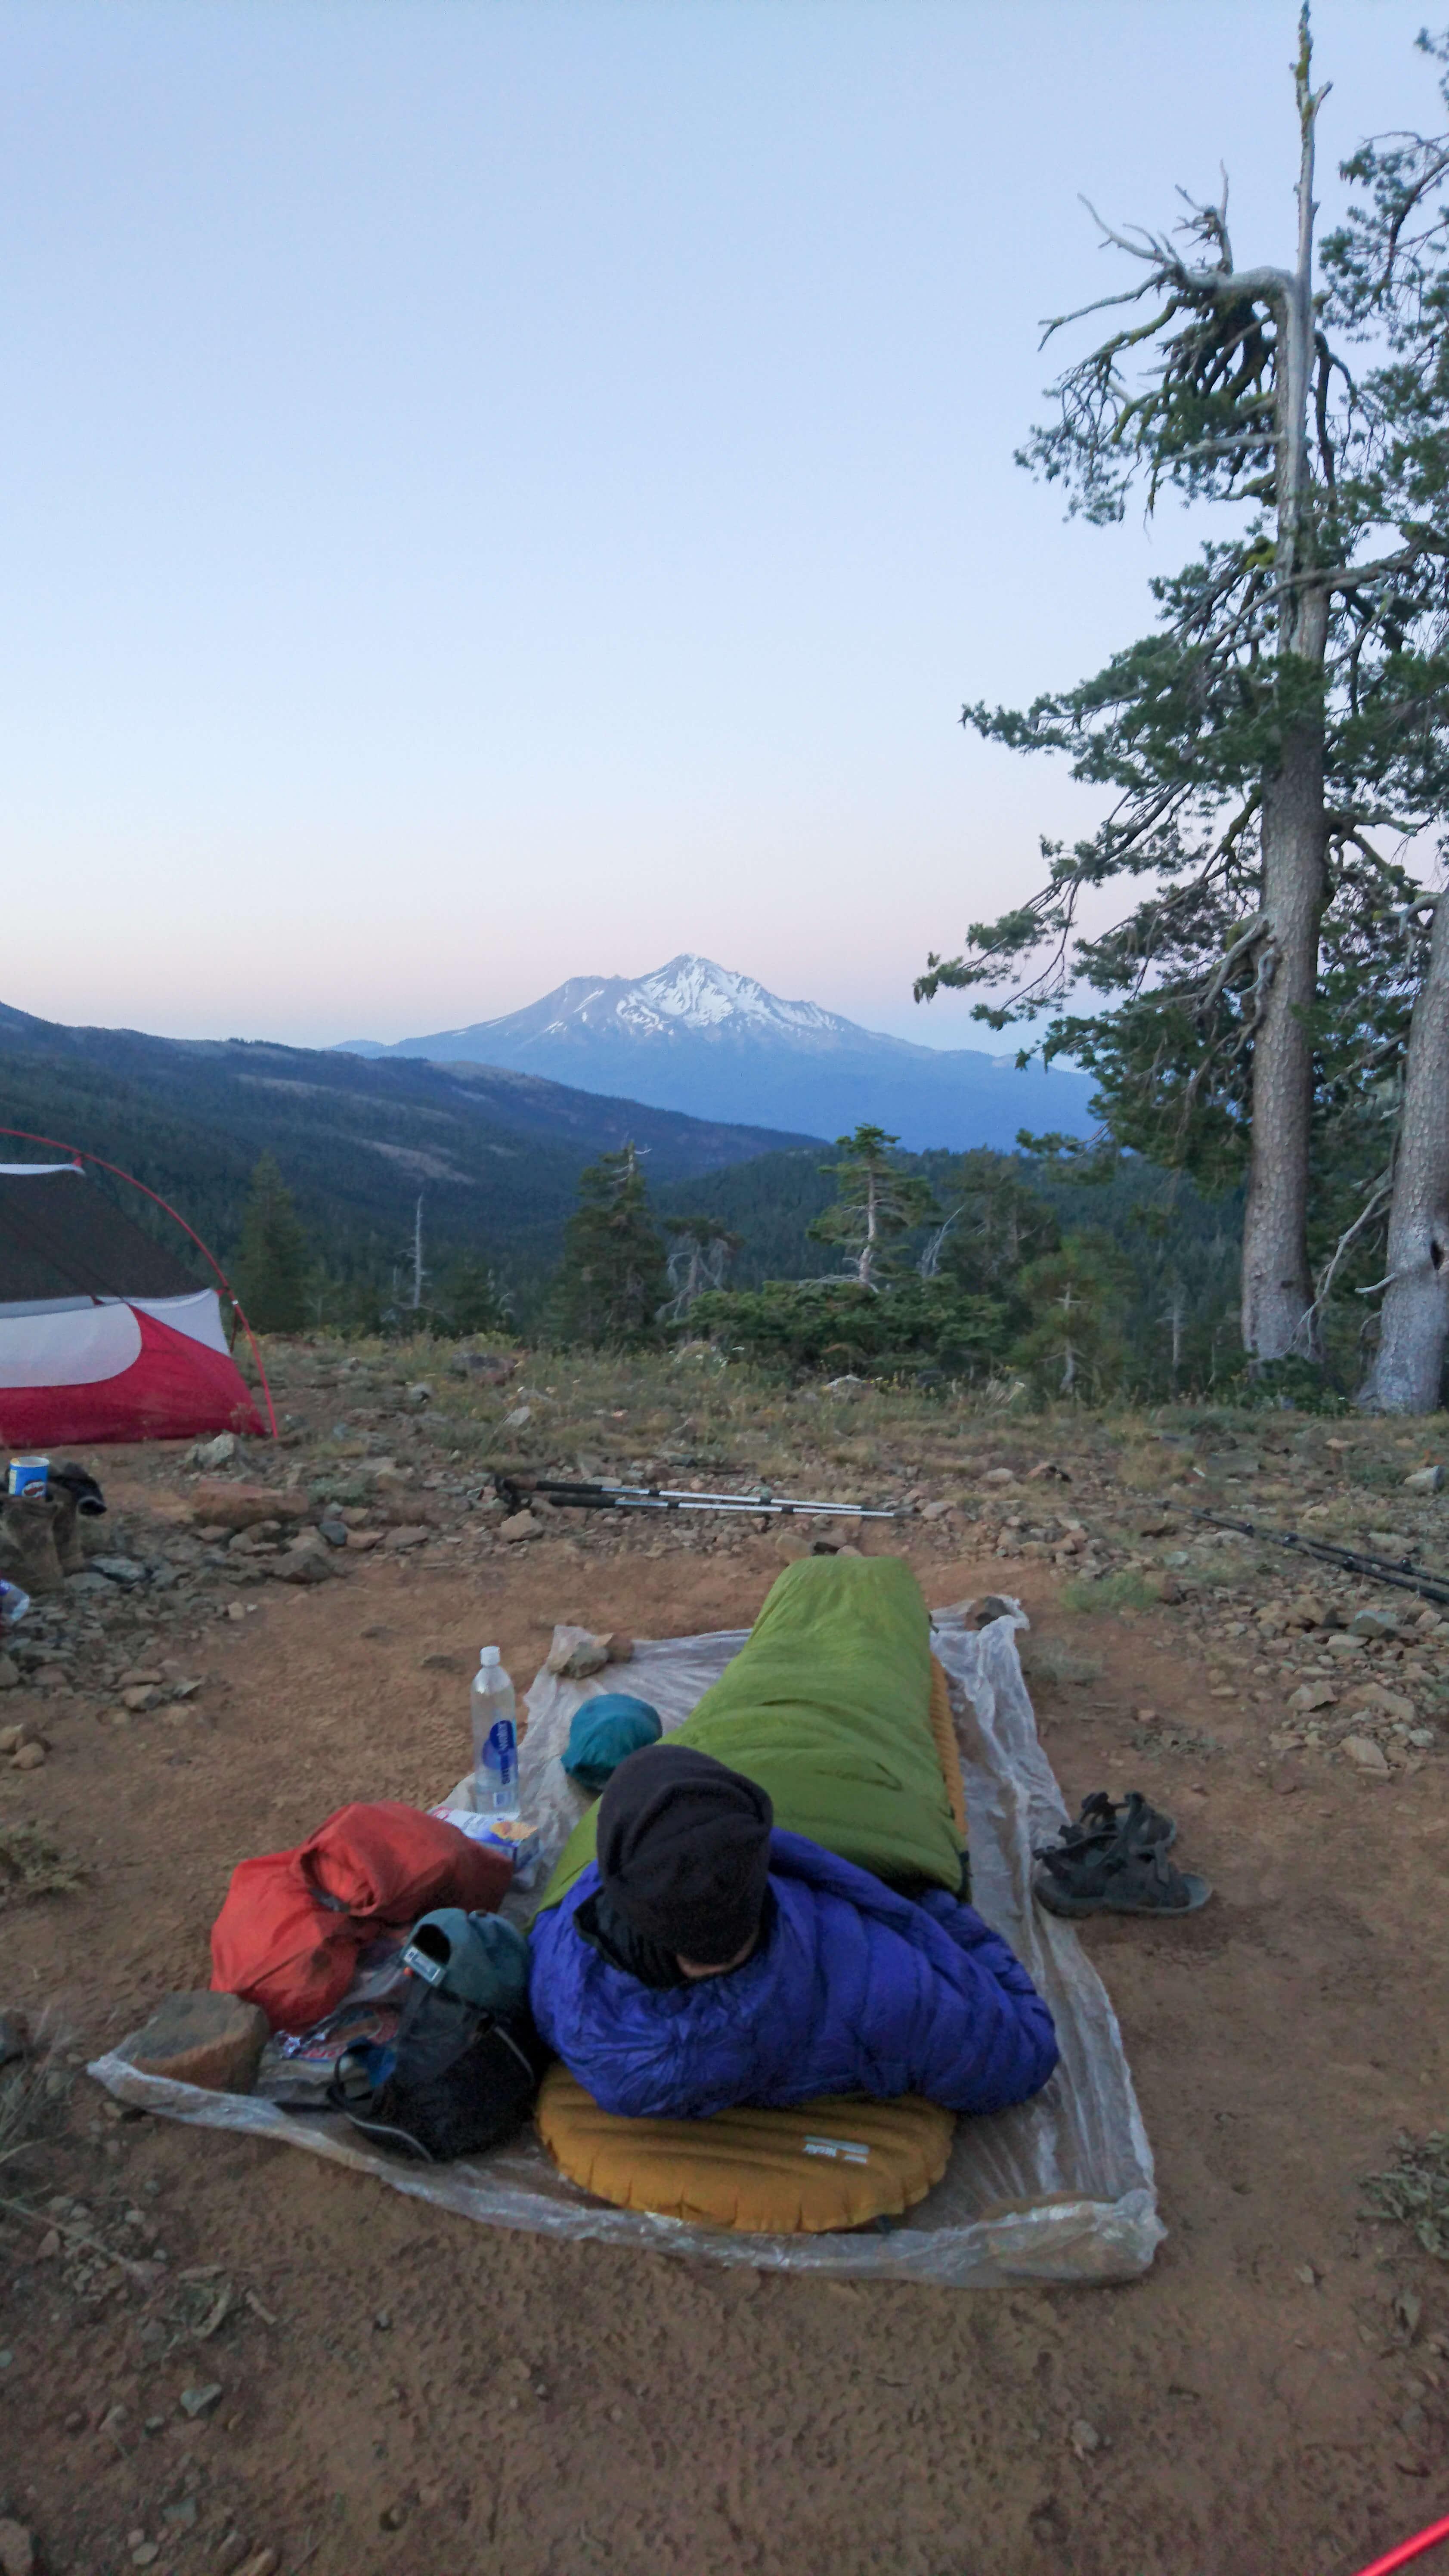 Rémi en Cowboy Camping face au Mont Shasta